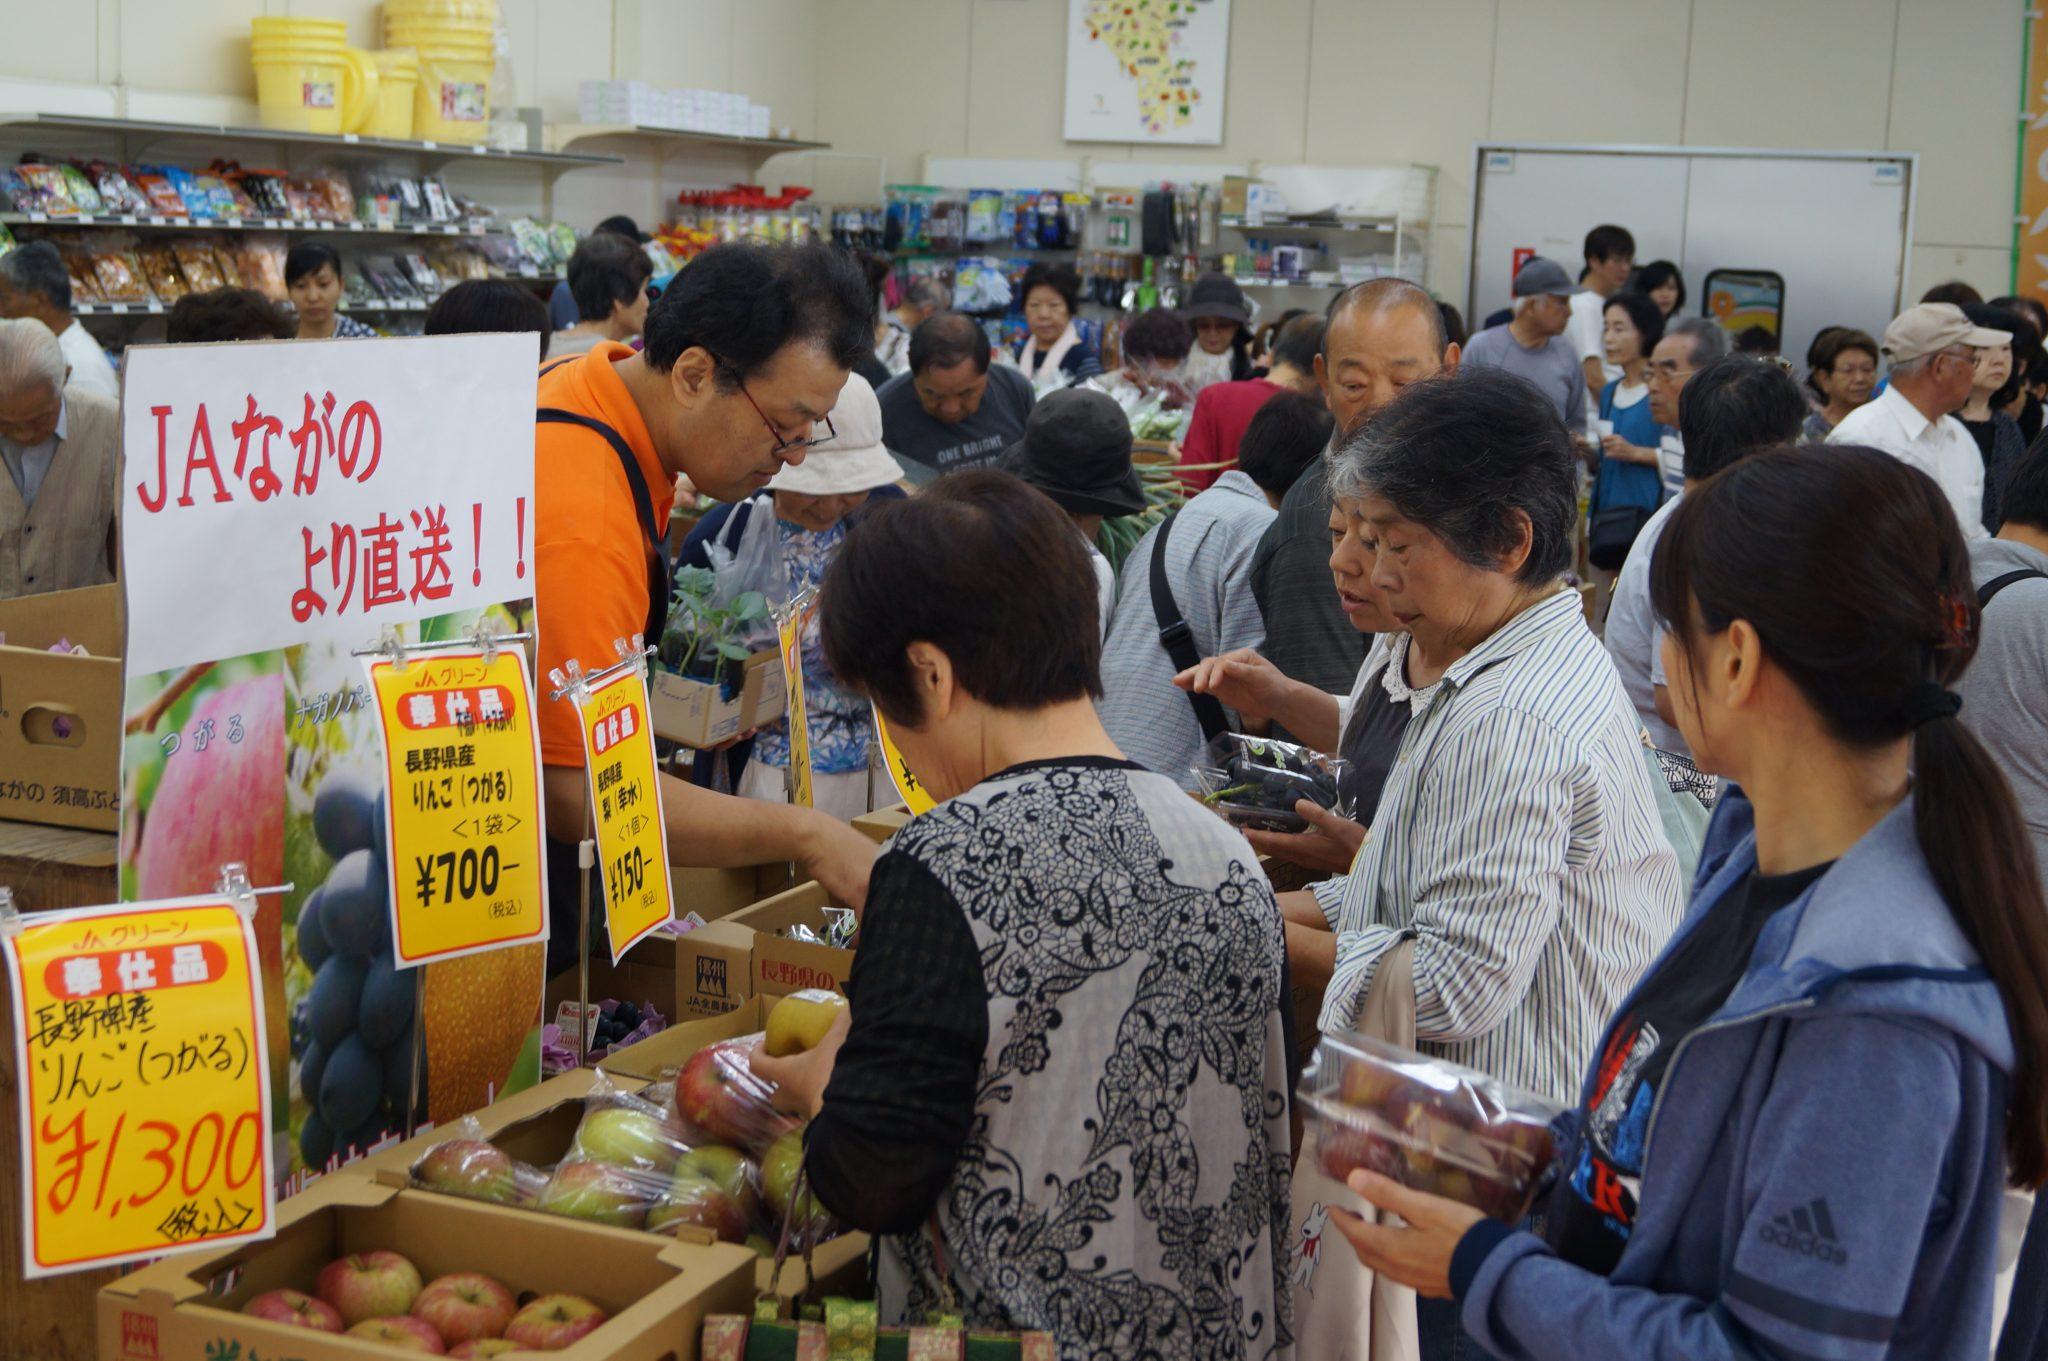 JA 海部東農業協同組合(あまひがし) -お値打ち価格 グリーンプラザで大売出し